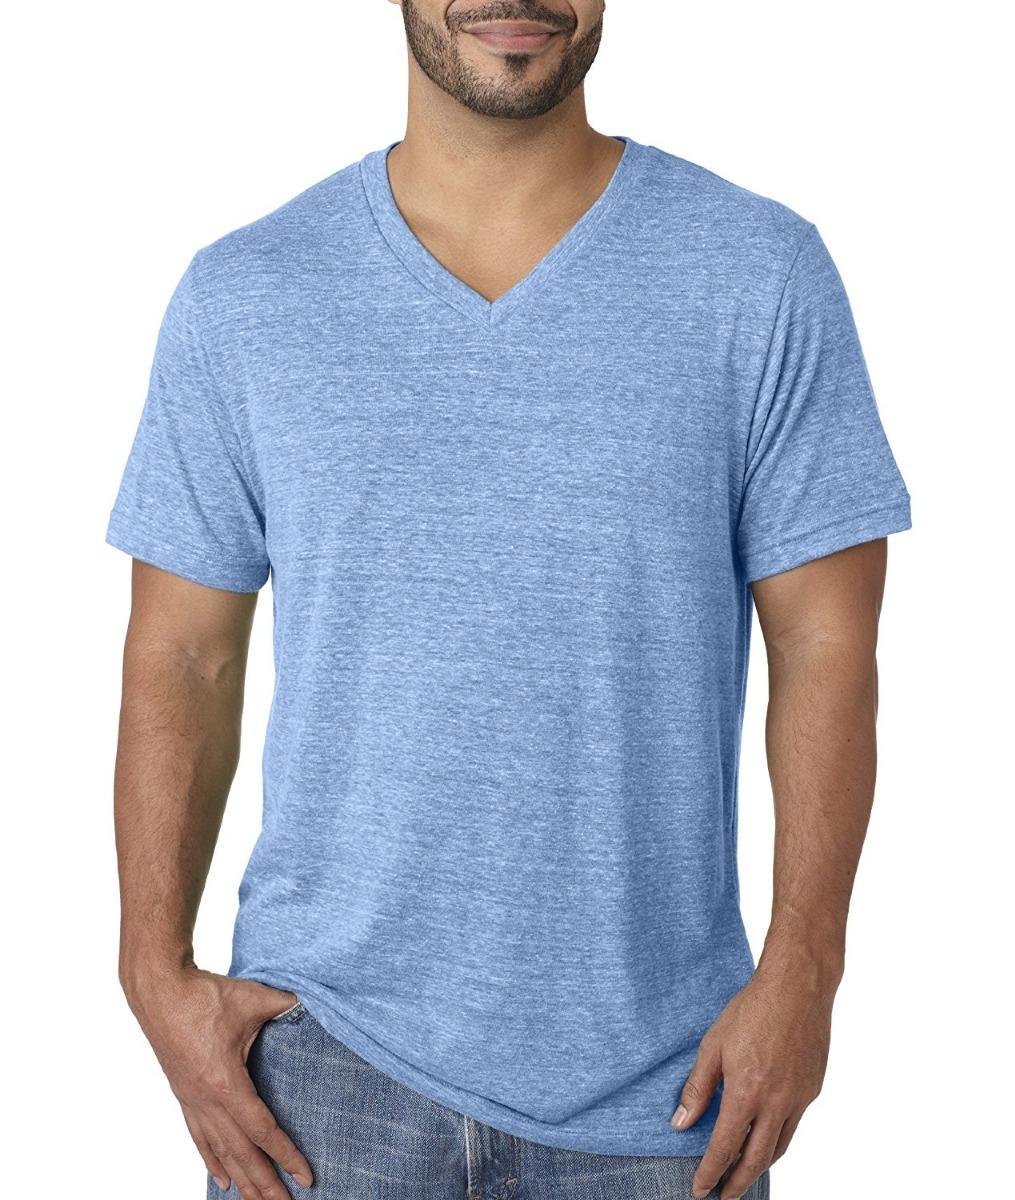 c1d0bbbe1b camiseta malha fria gola v camisa pv poliéster com viscose. Carregando zoom.